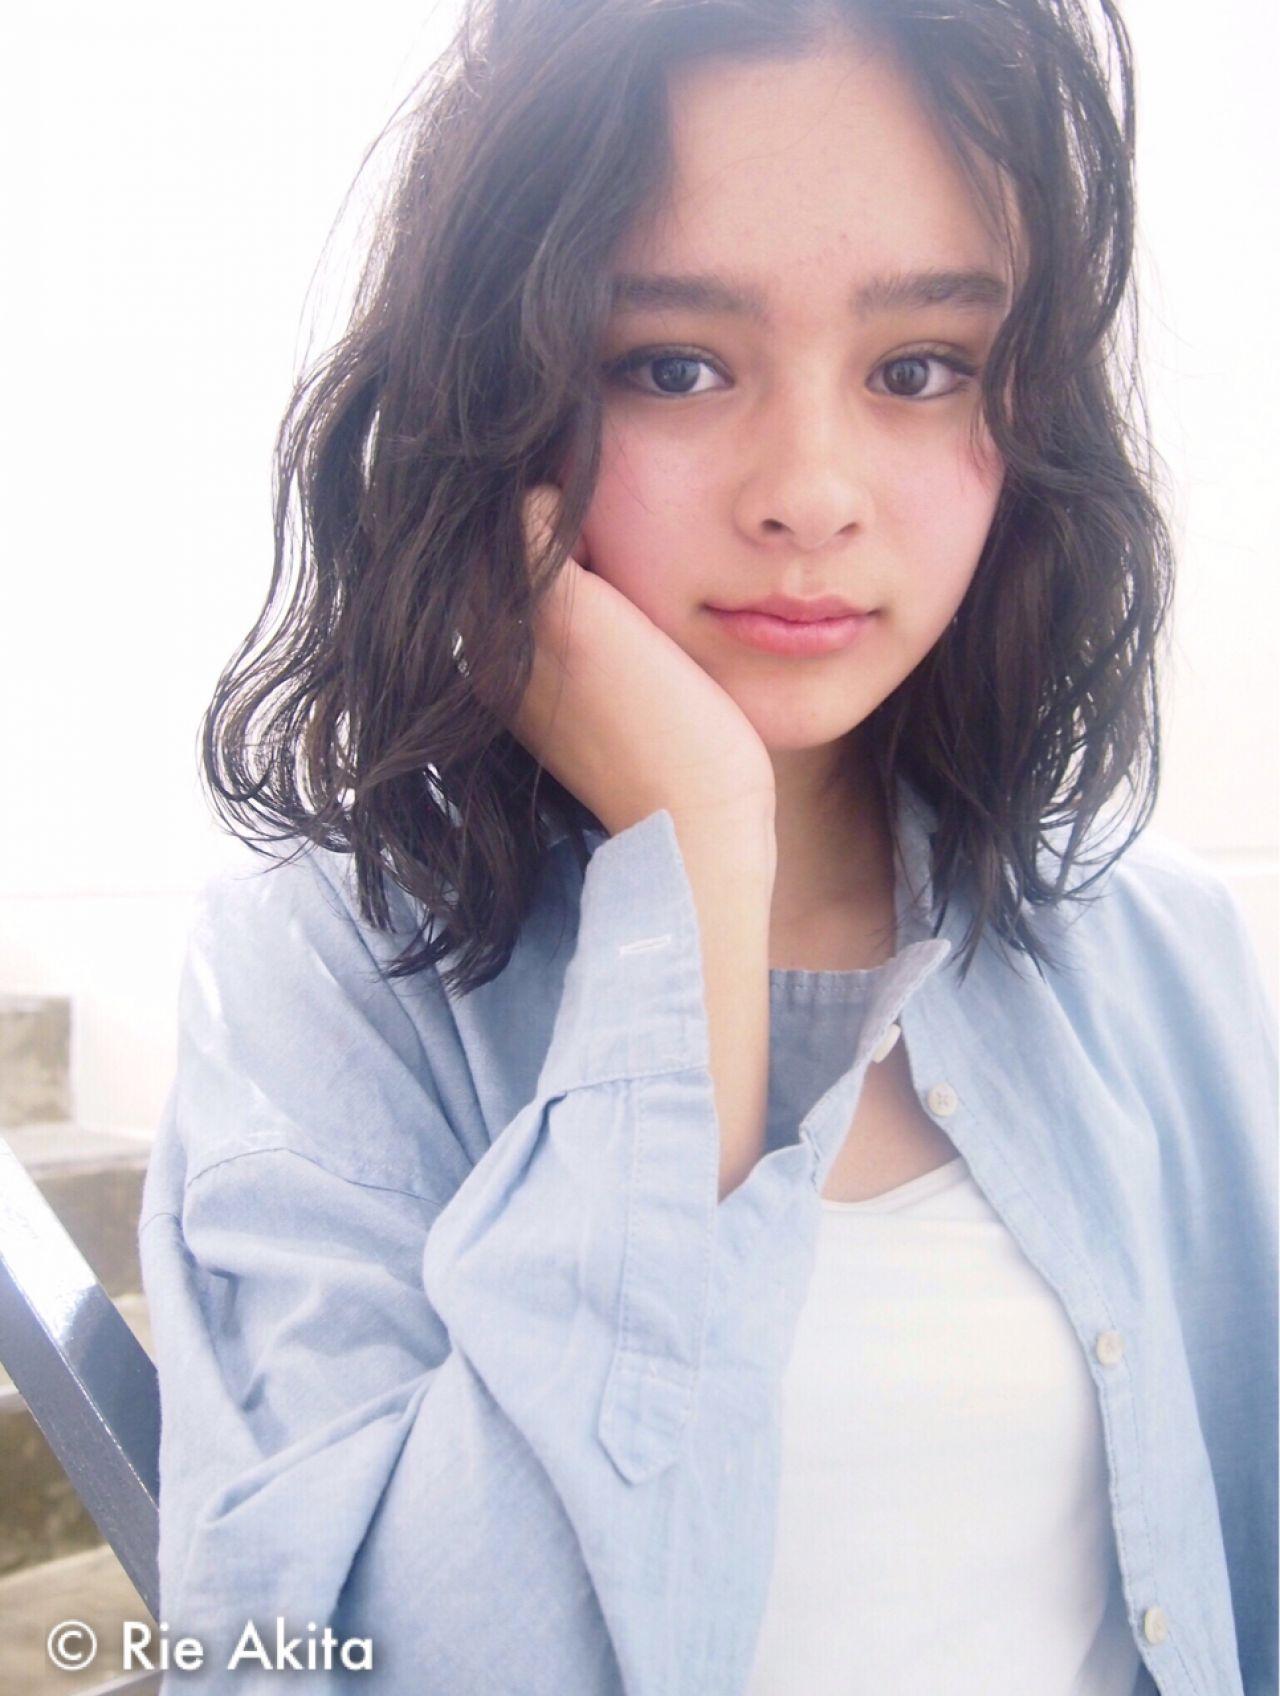 モテる黒髪はセミロングでしょ!清楚で可愛い黒髪セミロング10選! Rie Akita